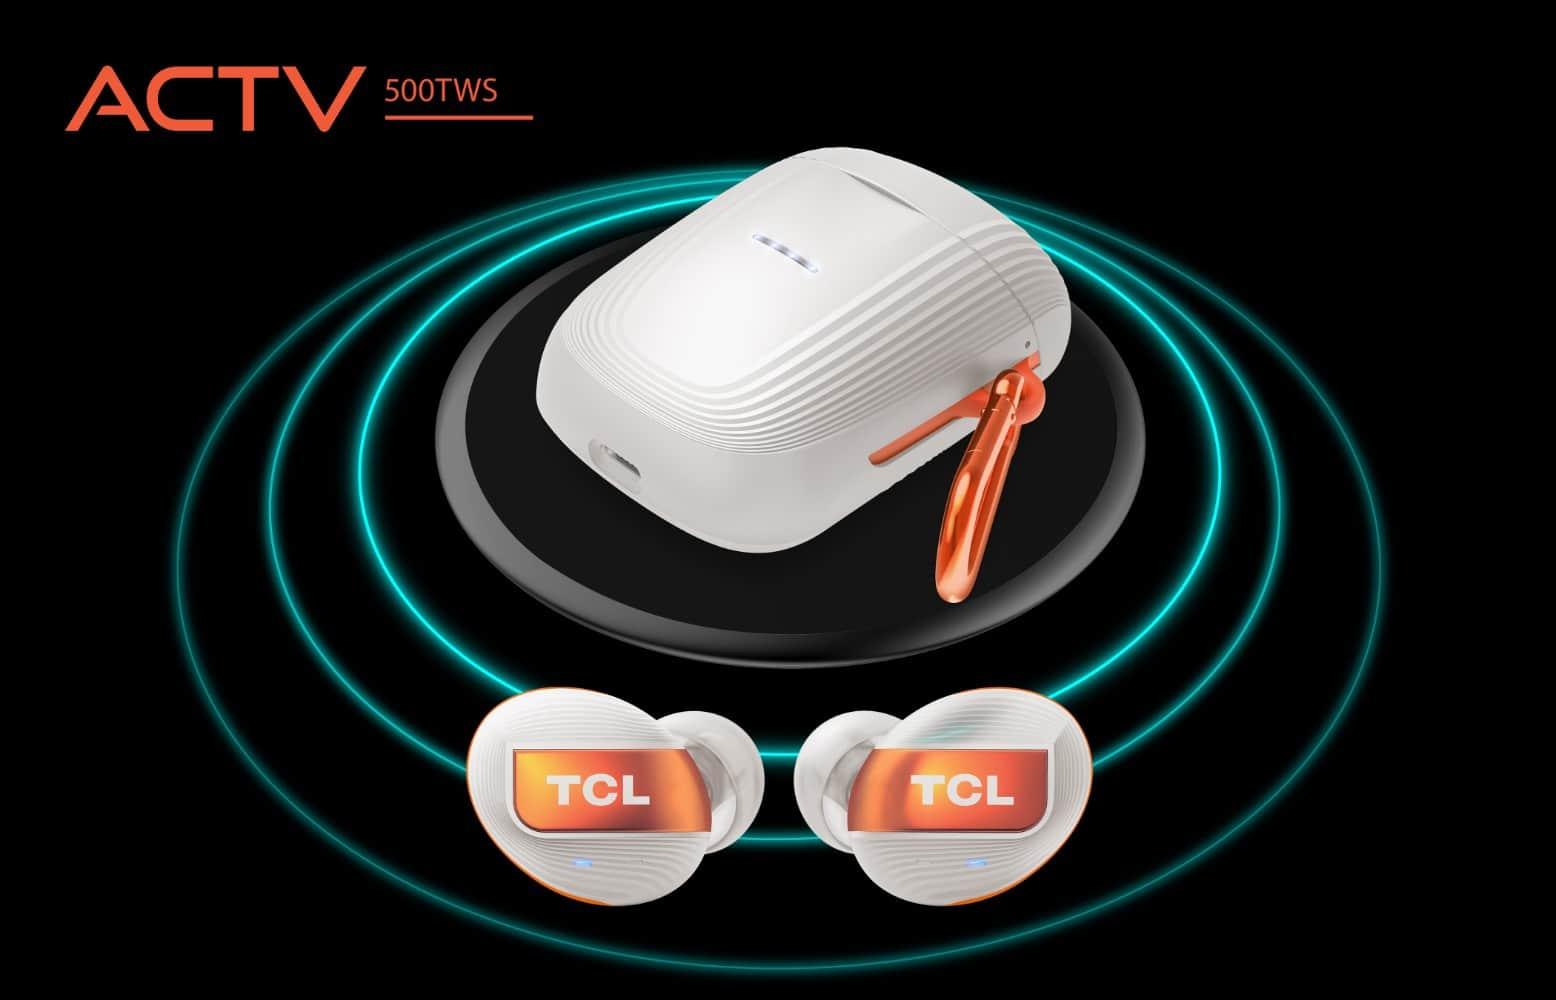 ACTV500TWS 02 TCL smart device